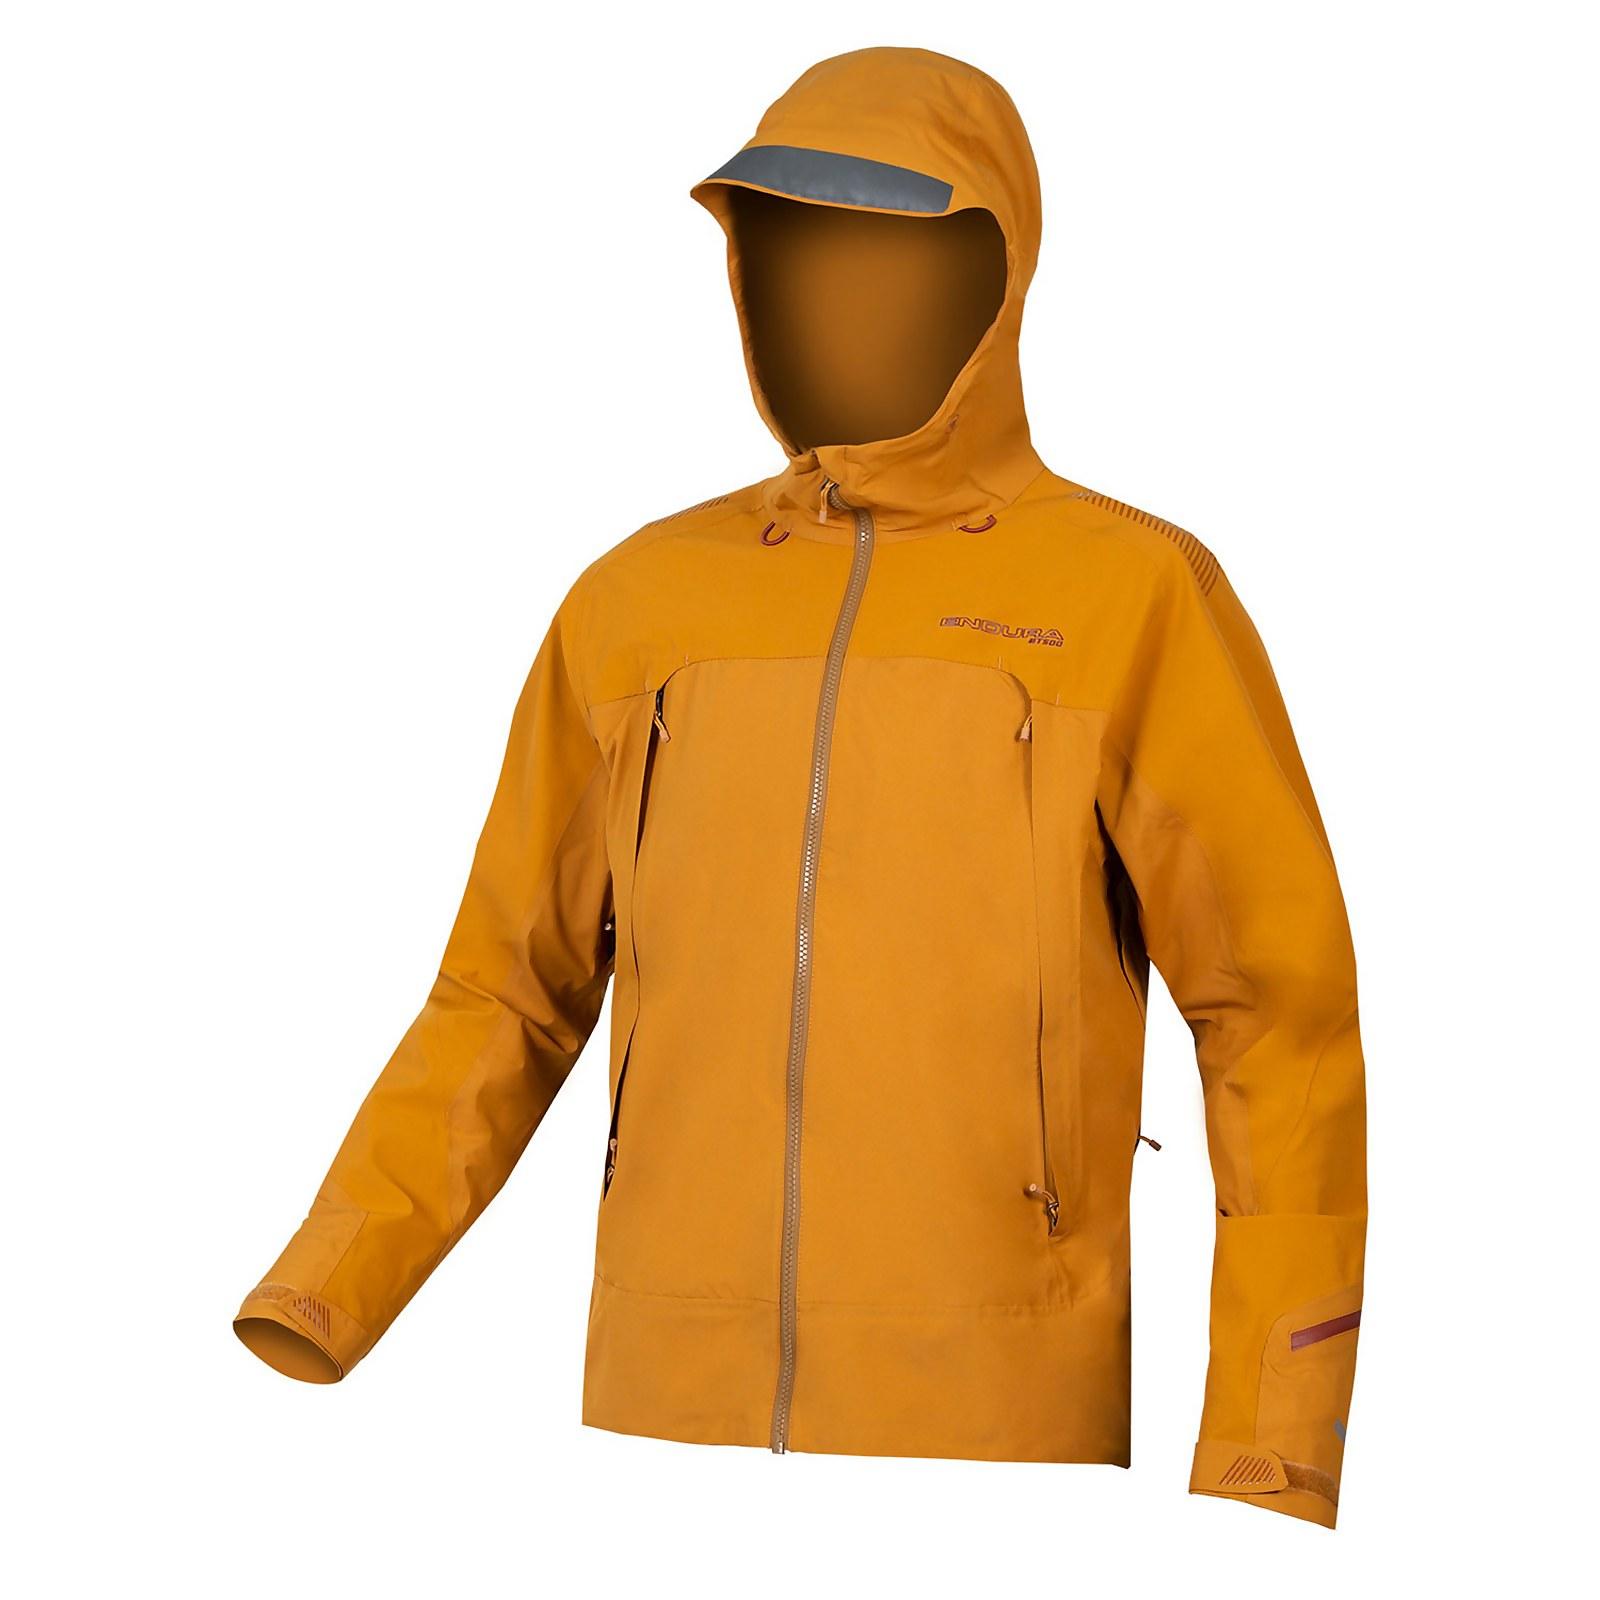 Mt500 Waterproof Jacket Ii - Nutmeg - M